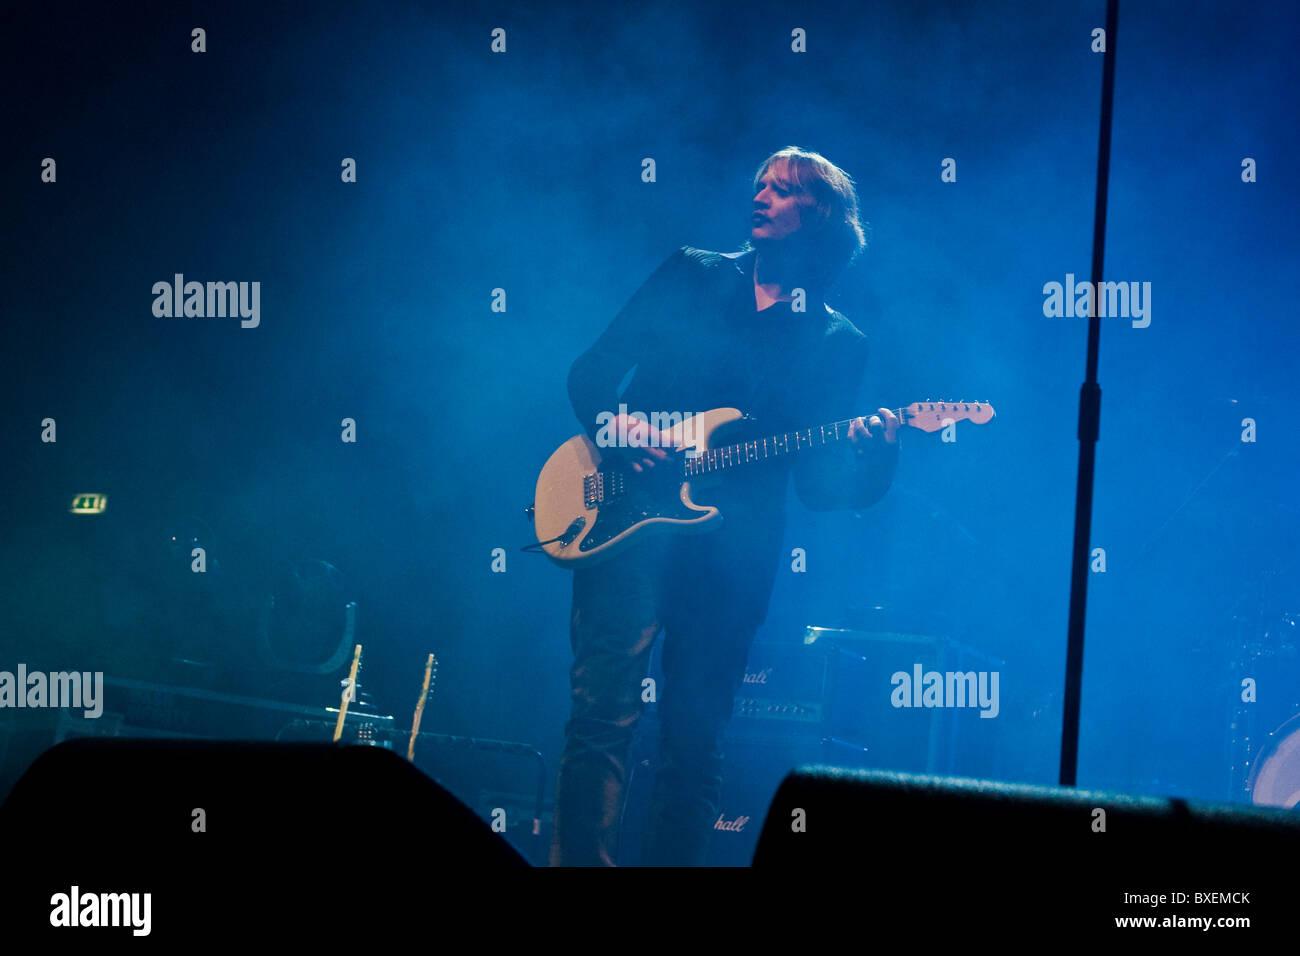 Modà in concerto, il Palasharp, Milano, Italia (18.12.2010) Immagini Stock